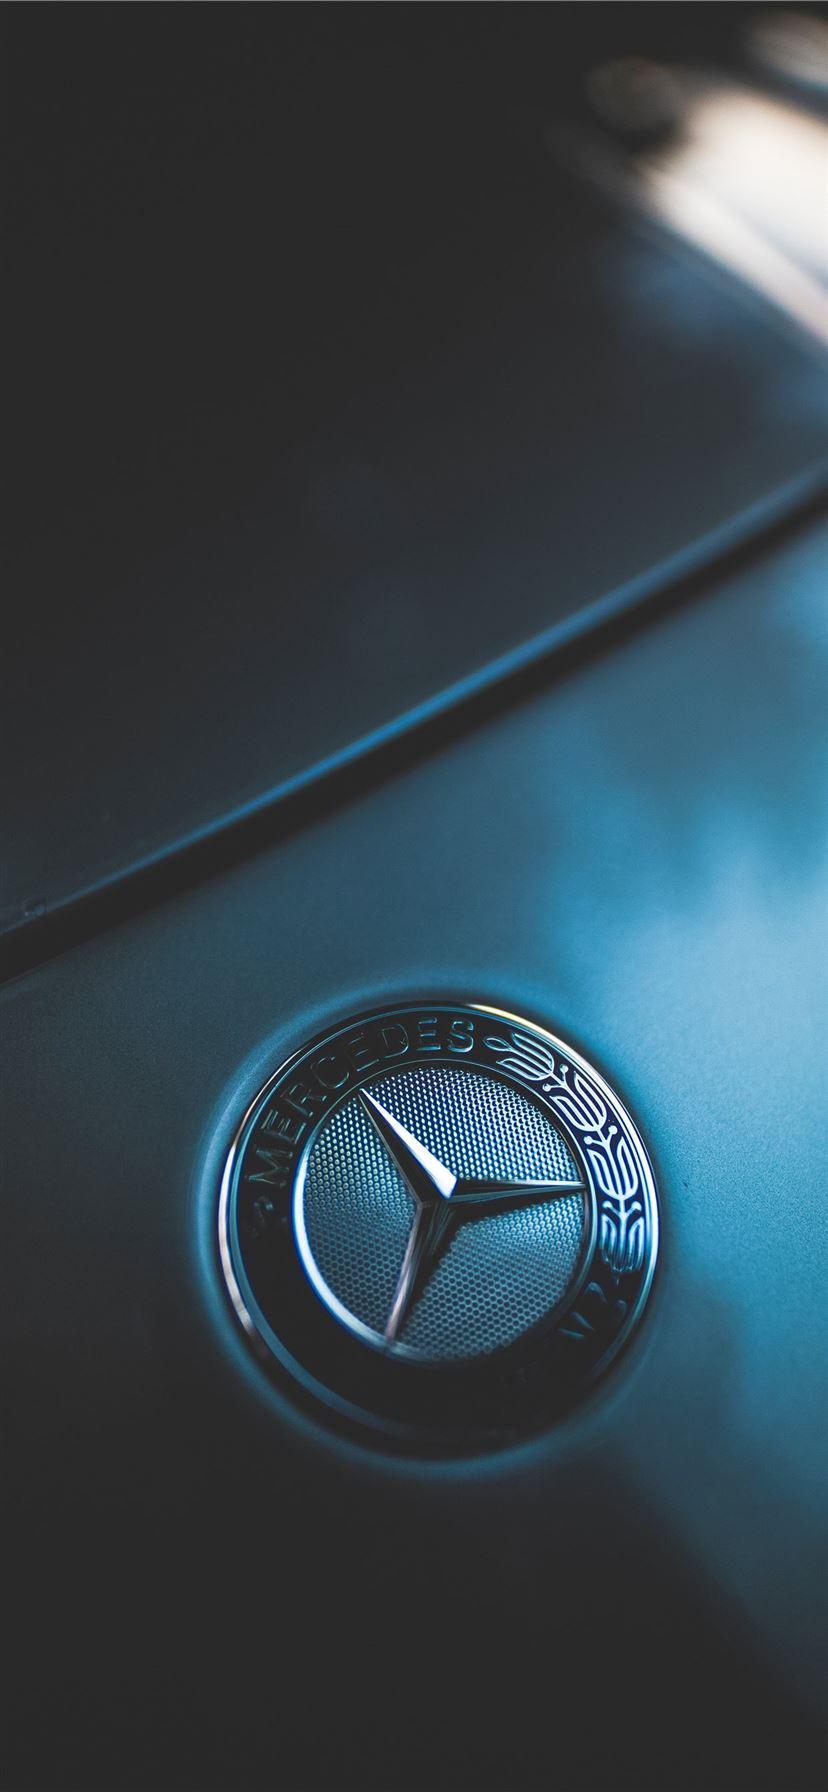 25+ Mercedes Benz Wallpaper Iphone 11 Pro Max Pics